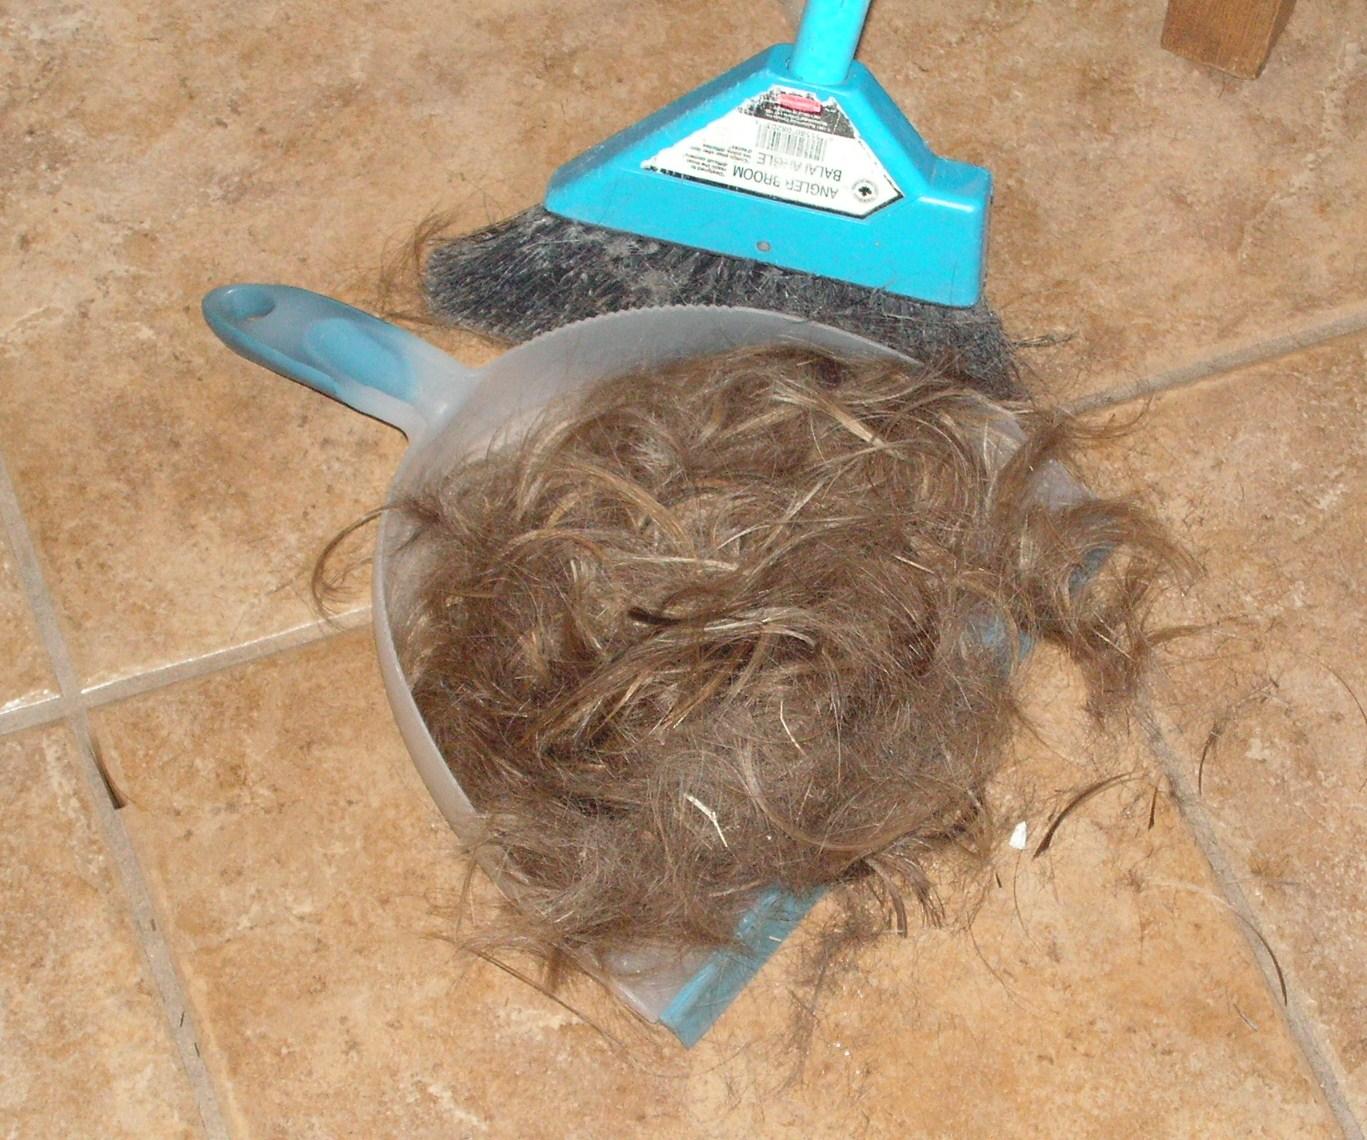 aus-haircut-007